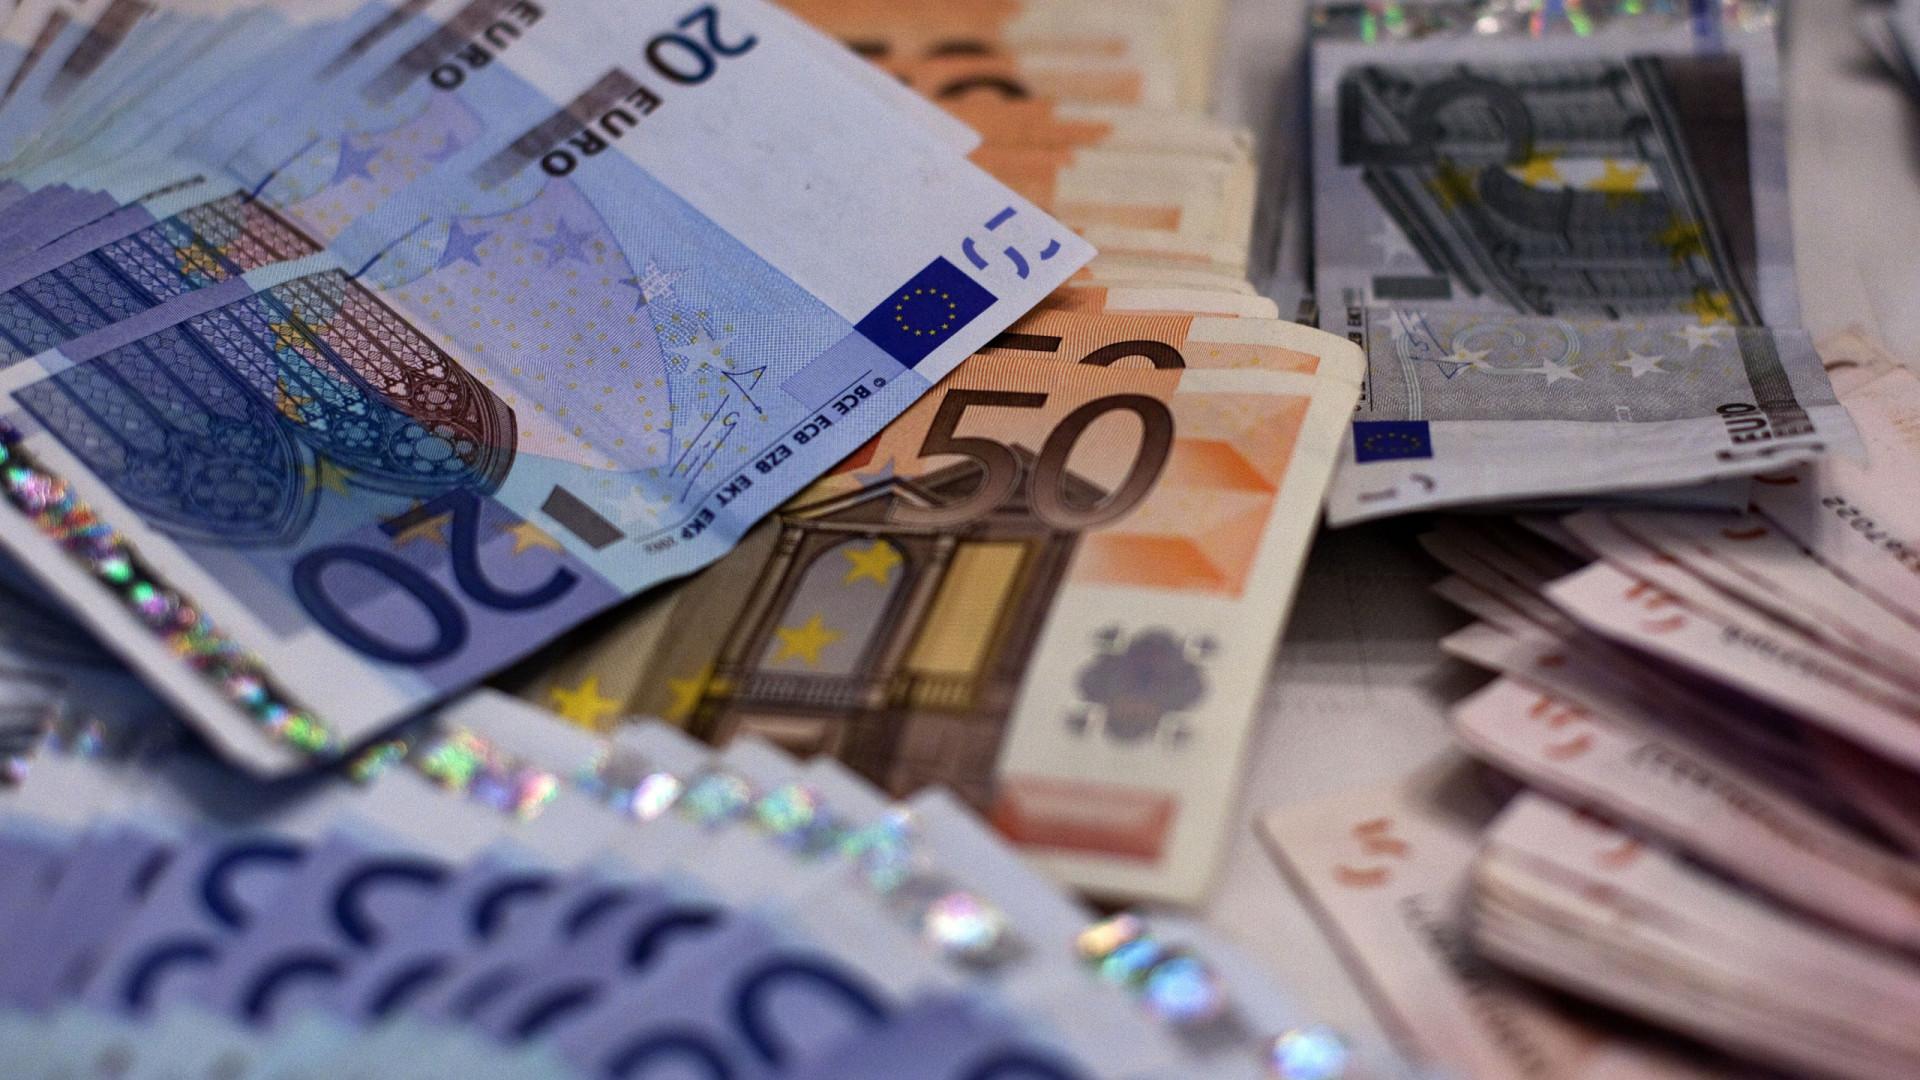 Bruxelas prolonga ajudas de Estado à banca portuguesa até 9 de fevereiro